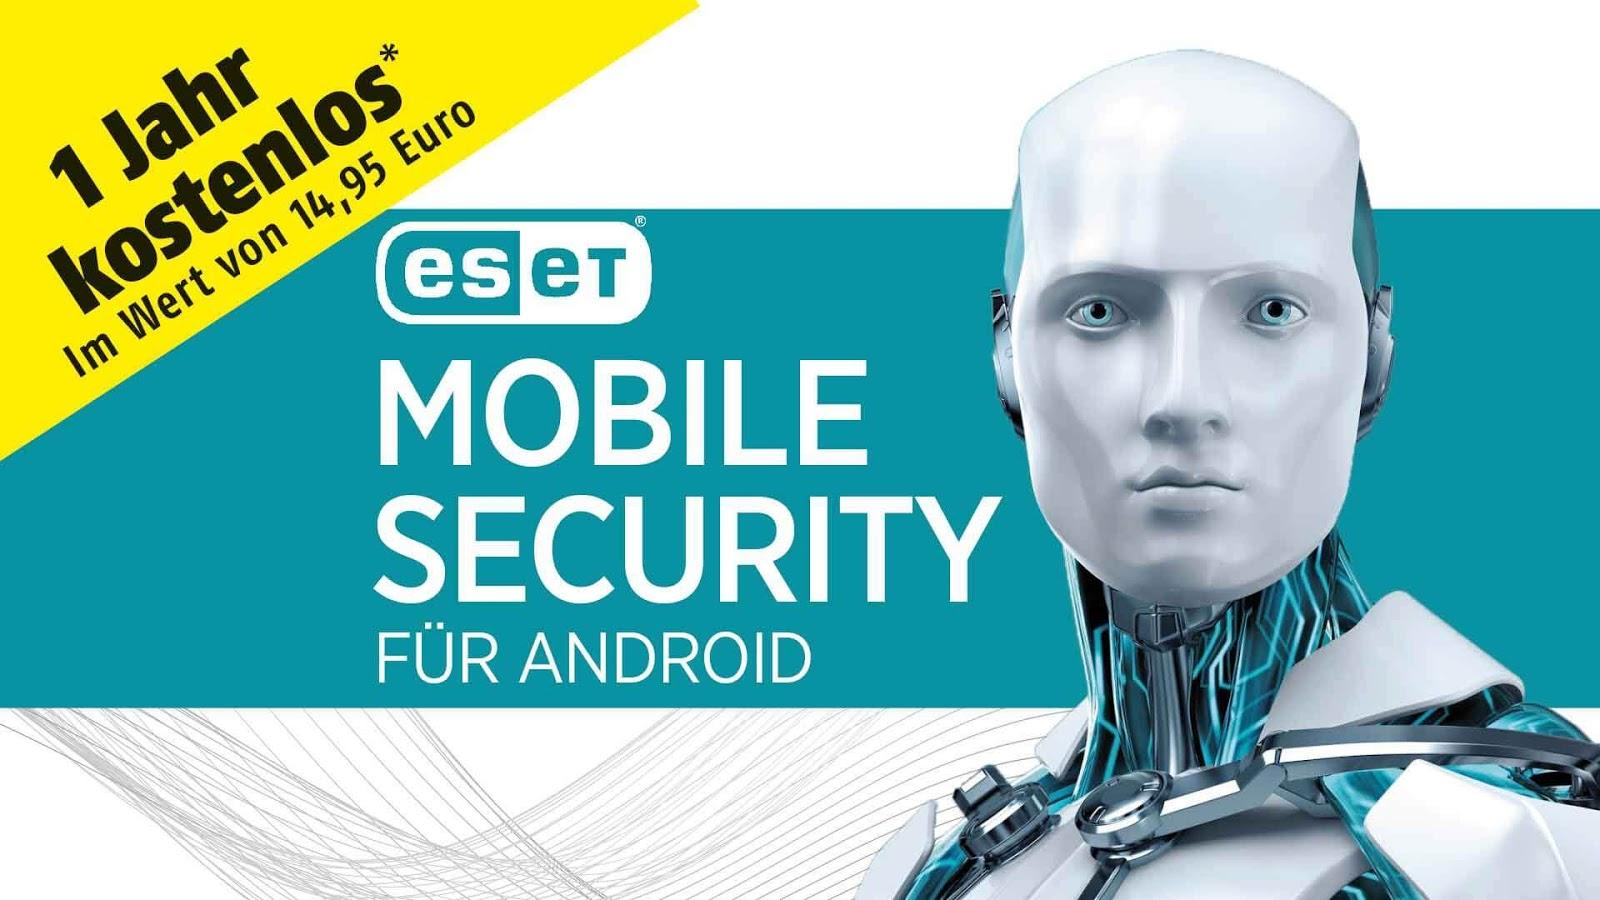 eset mobile security premium key 2018